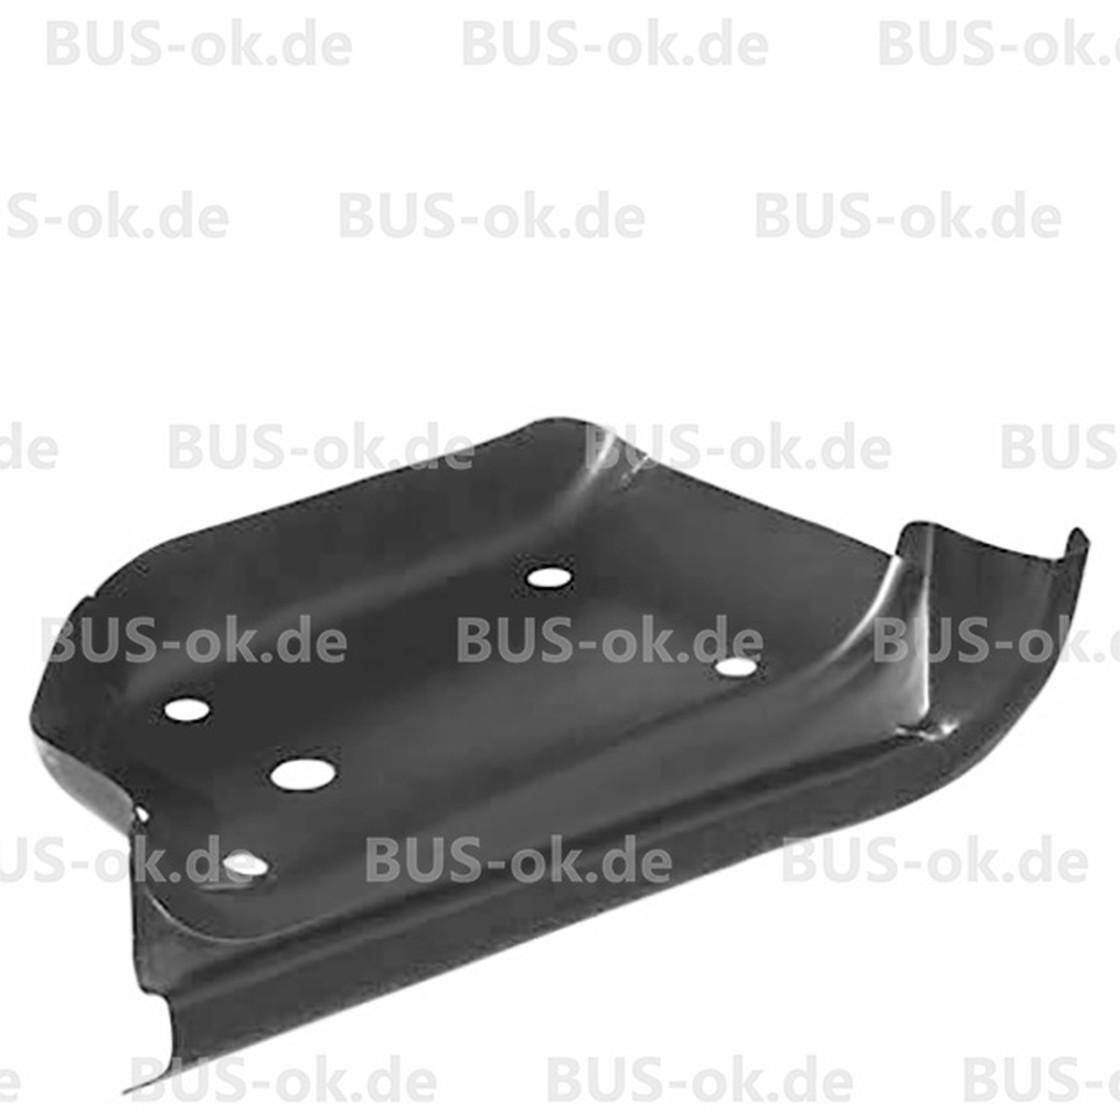 Cab Step Repair Left 251801173 /> Type 25